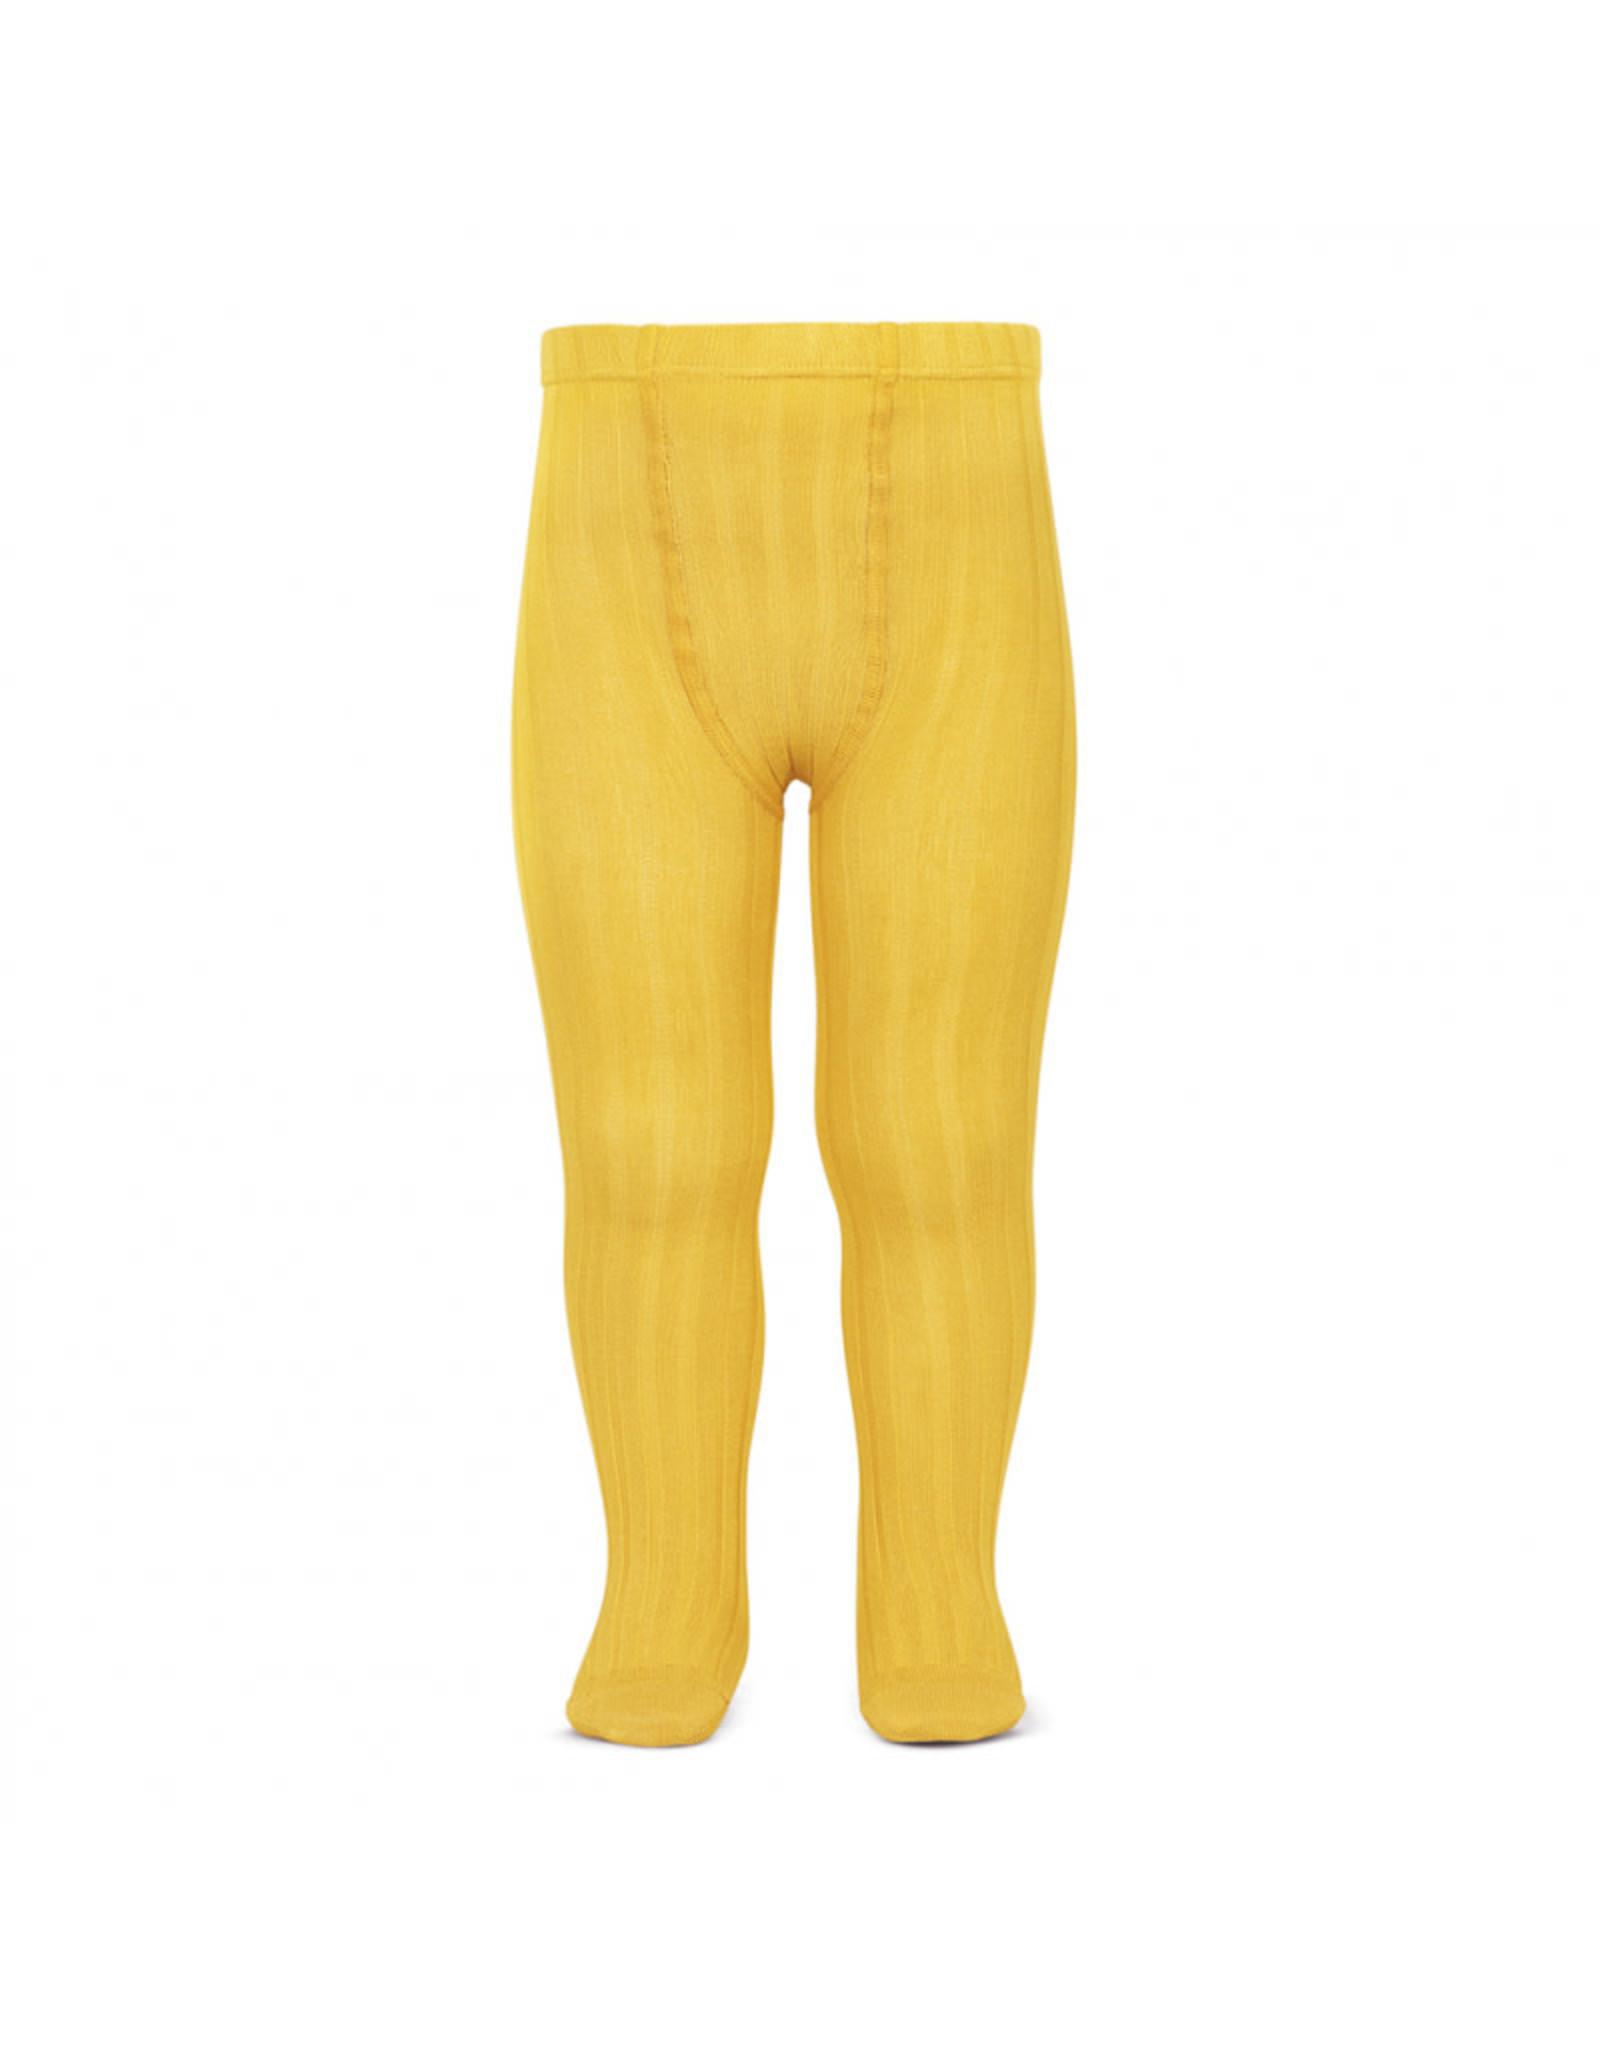 CONDOR Yellow Ribbed Tights